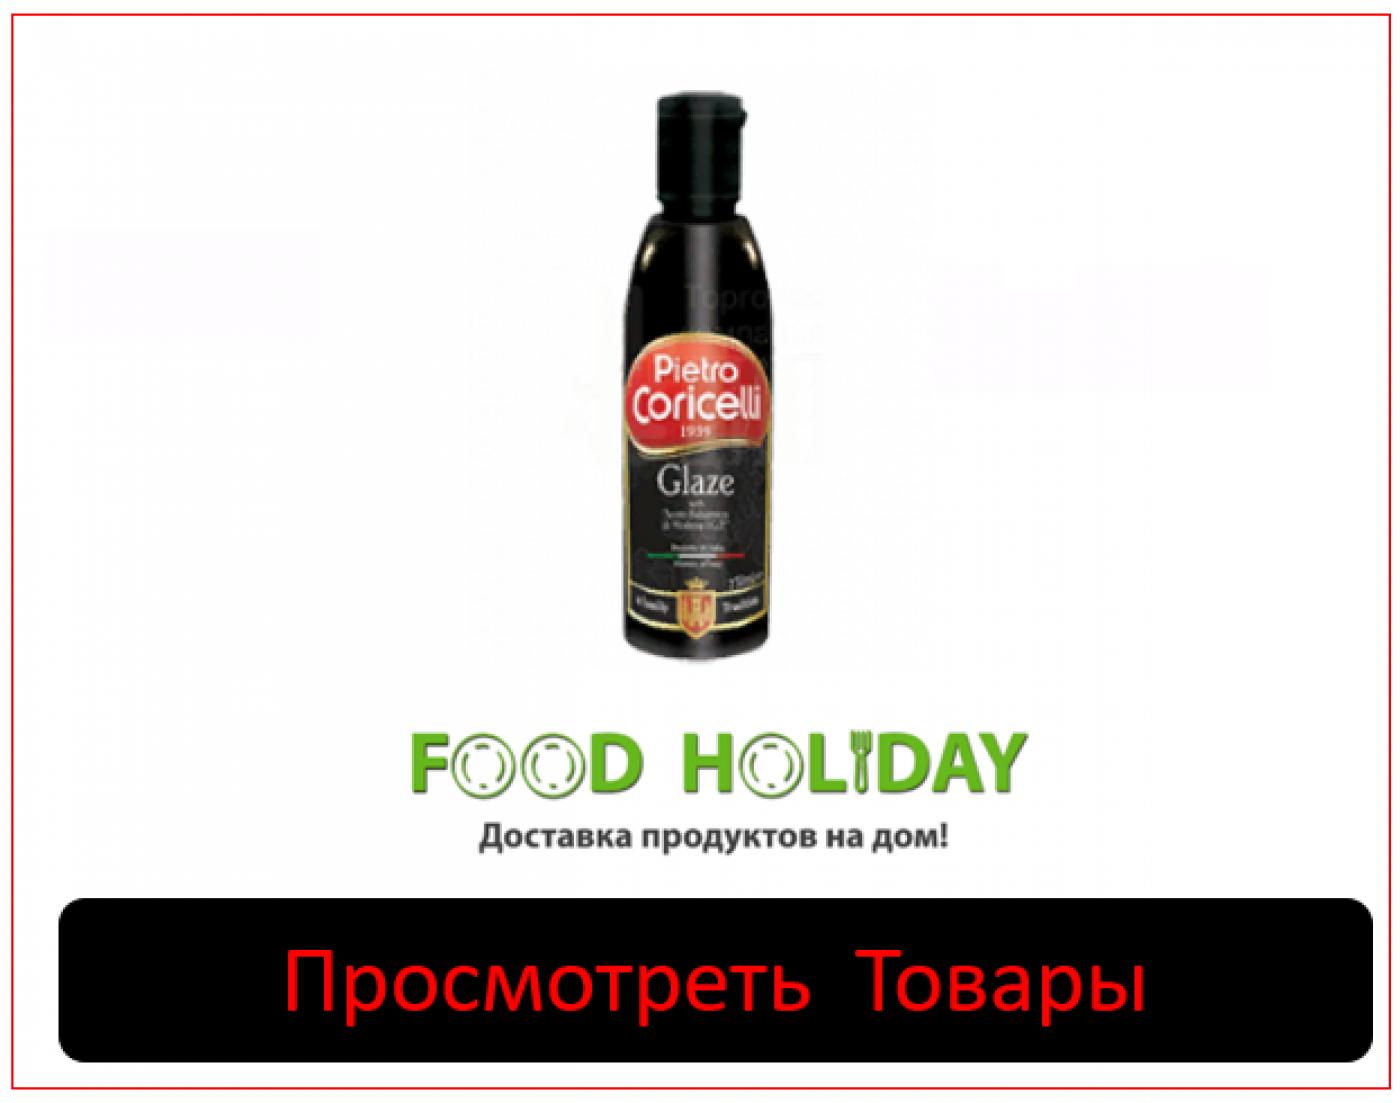 БАЛЬЗАМИЧЕСКИЕ УКСУСЫ, СОУСЫ Купить Оптом в Москве санки Петербурге поставки по всей России